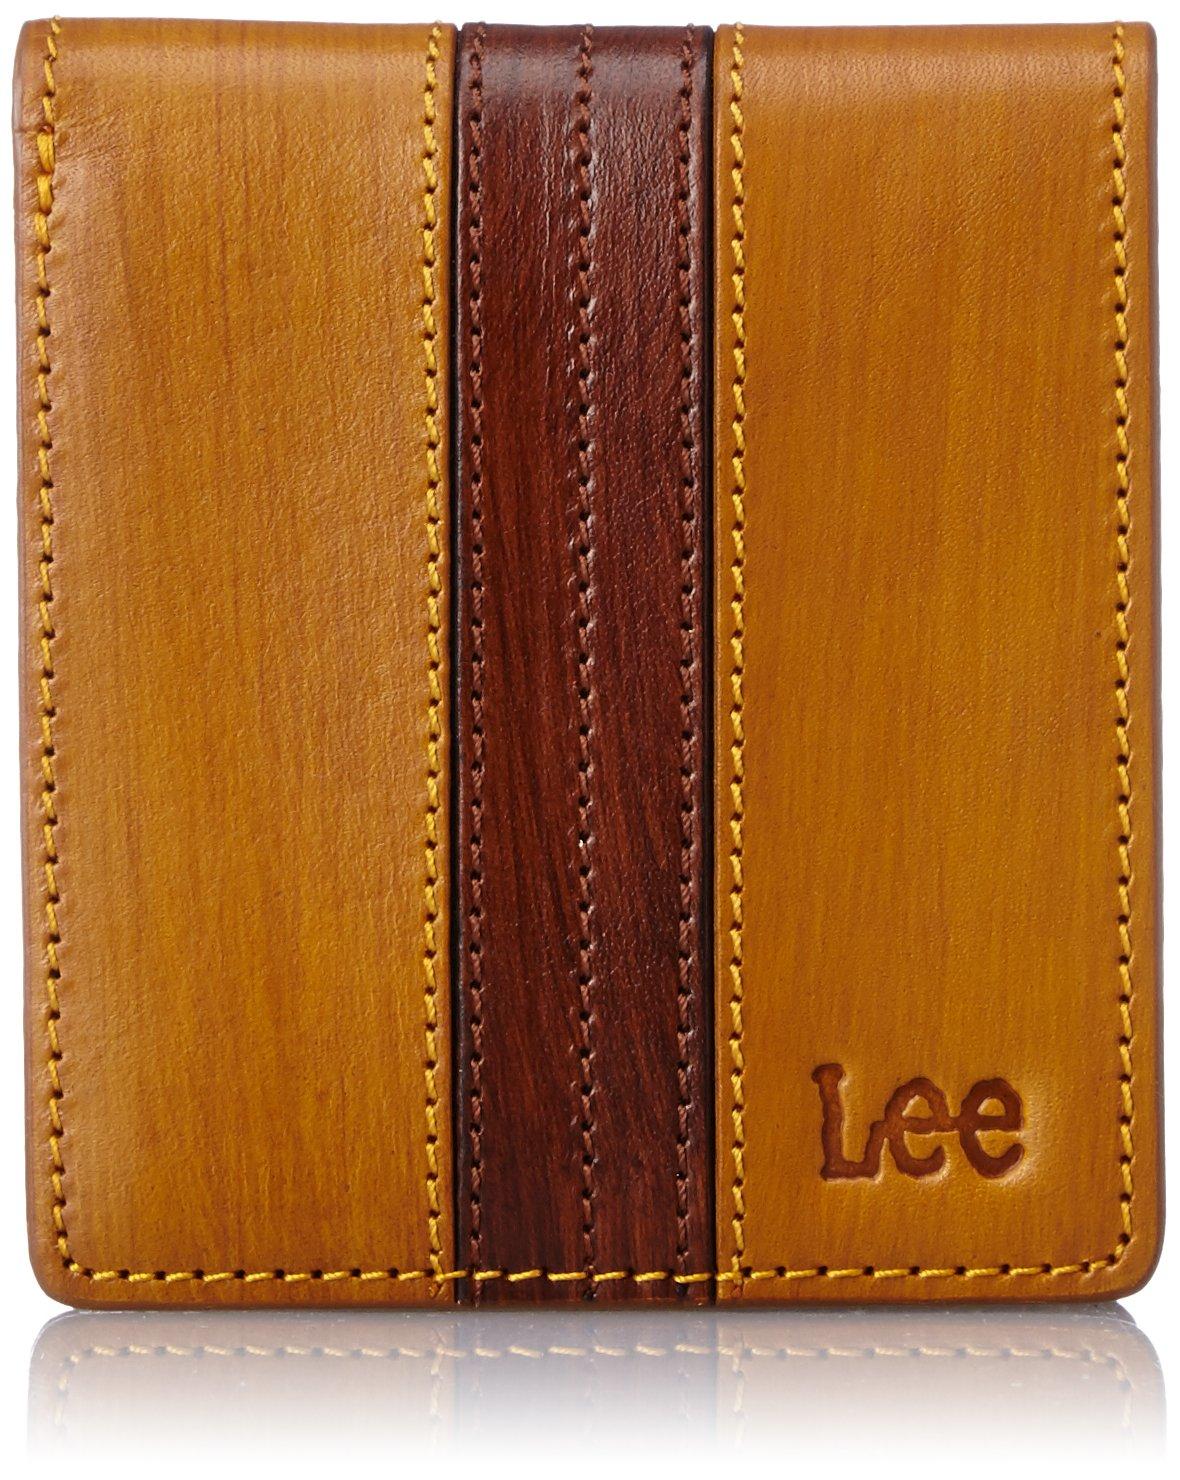 [リー] 財布 高級イタリアンレザー 二つ折り 320-1901 B0105L5G9S キャメル キャメル